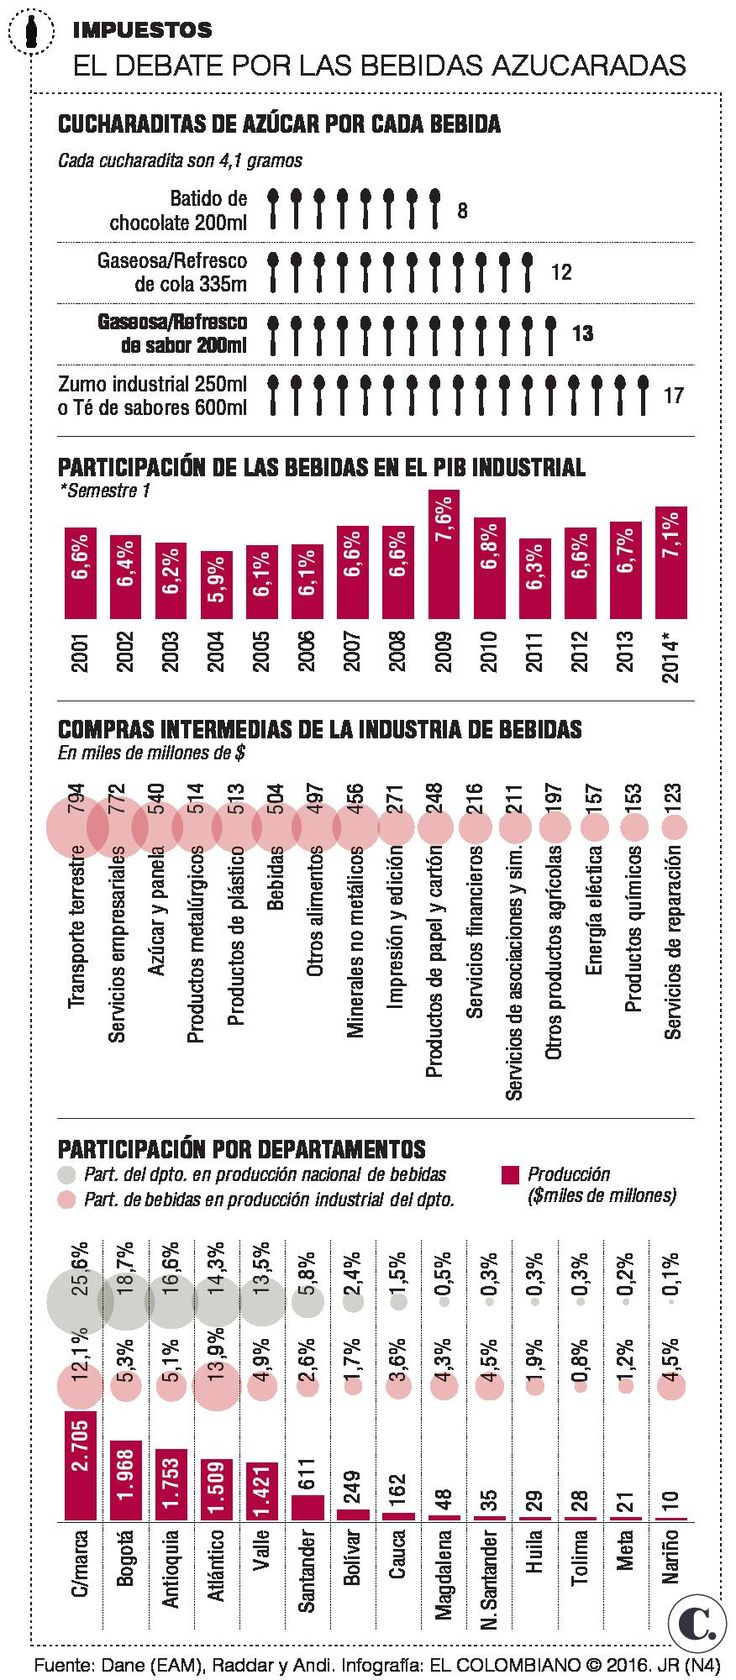 Impuesto a gaseosas en Colombia: crece el debate